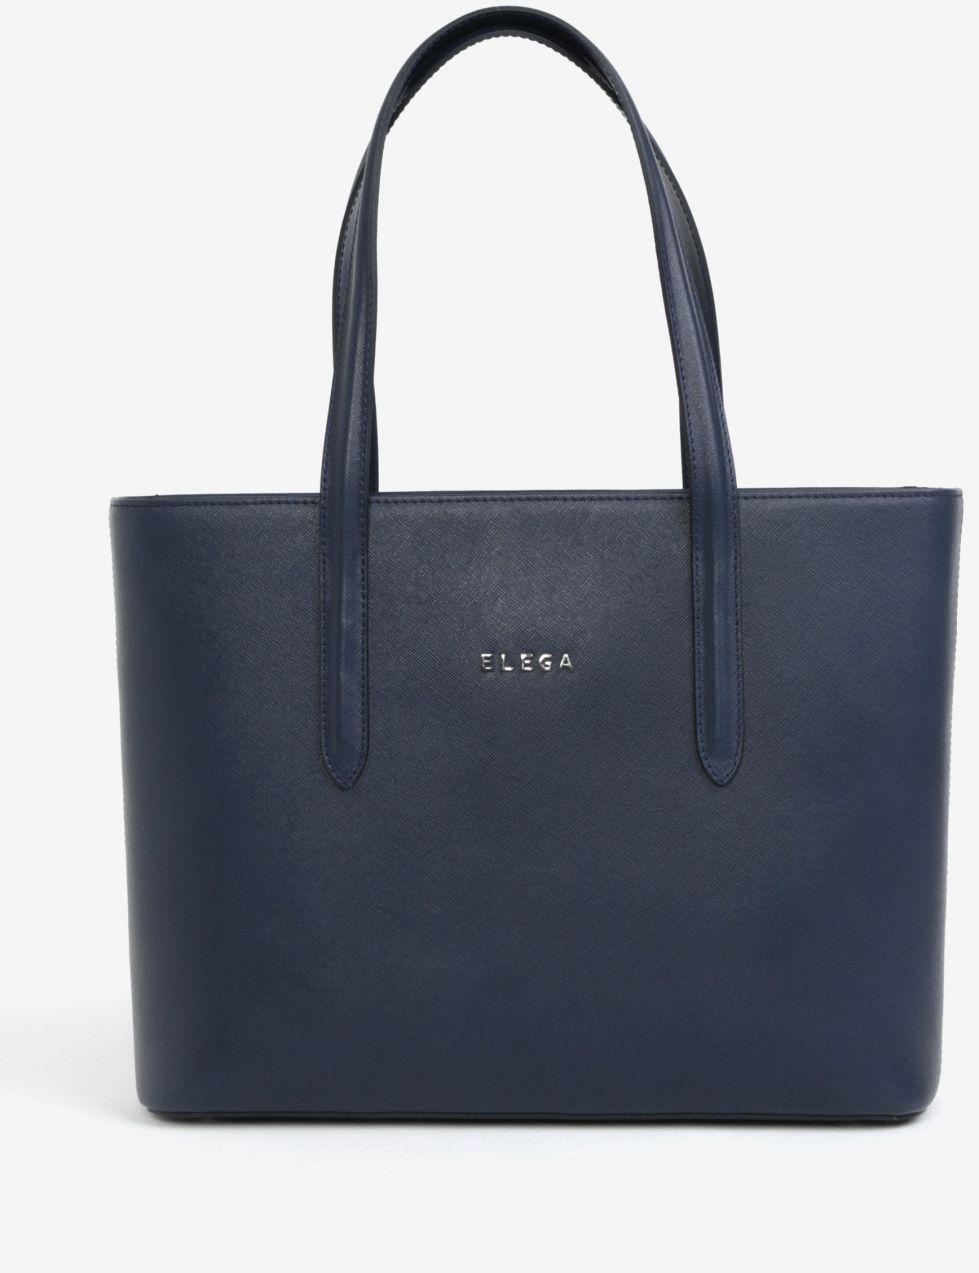 f7e3f190b6 Tmavomodrá kožená kabelka cez rameno ELEGA Simone značky Elega - Lovely.sk